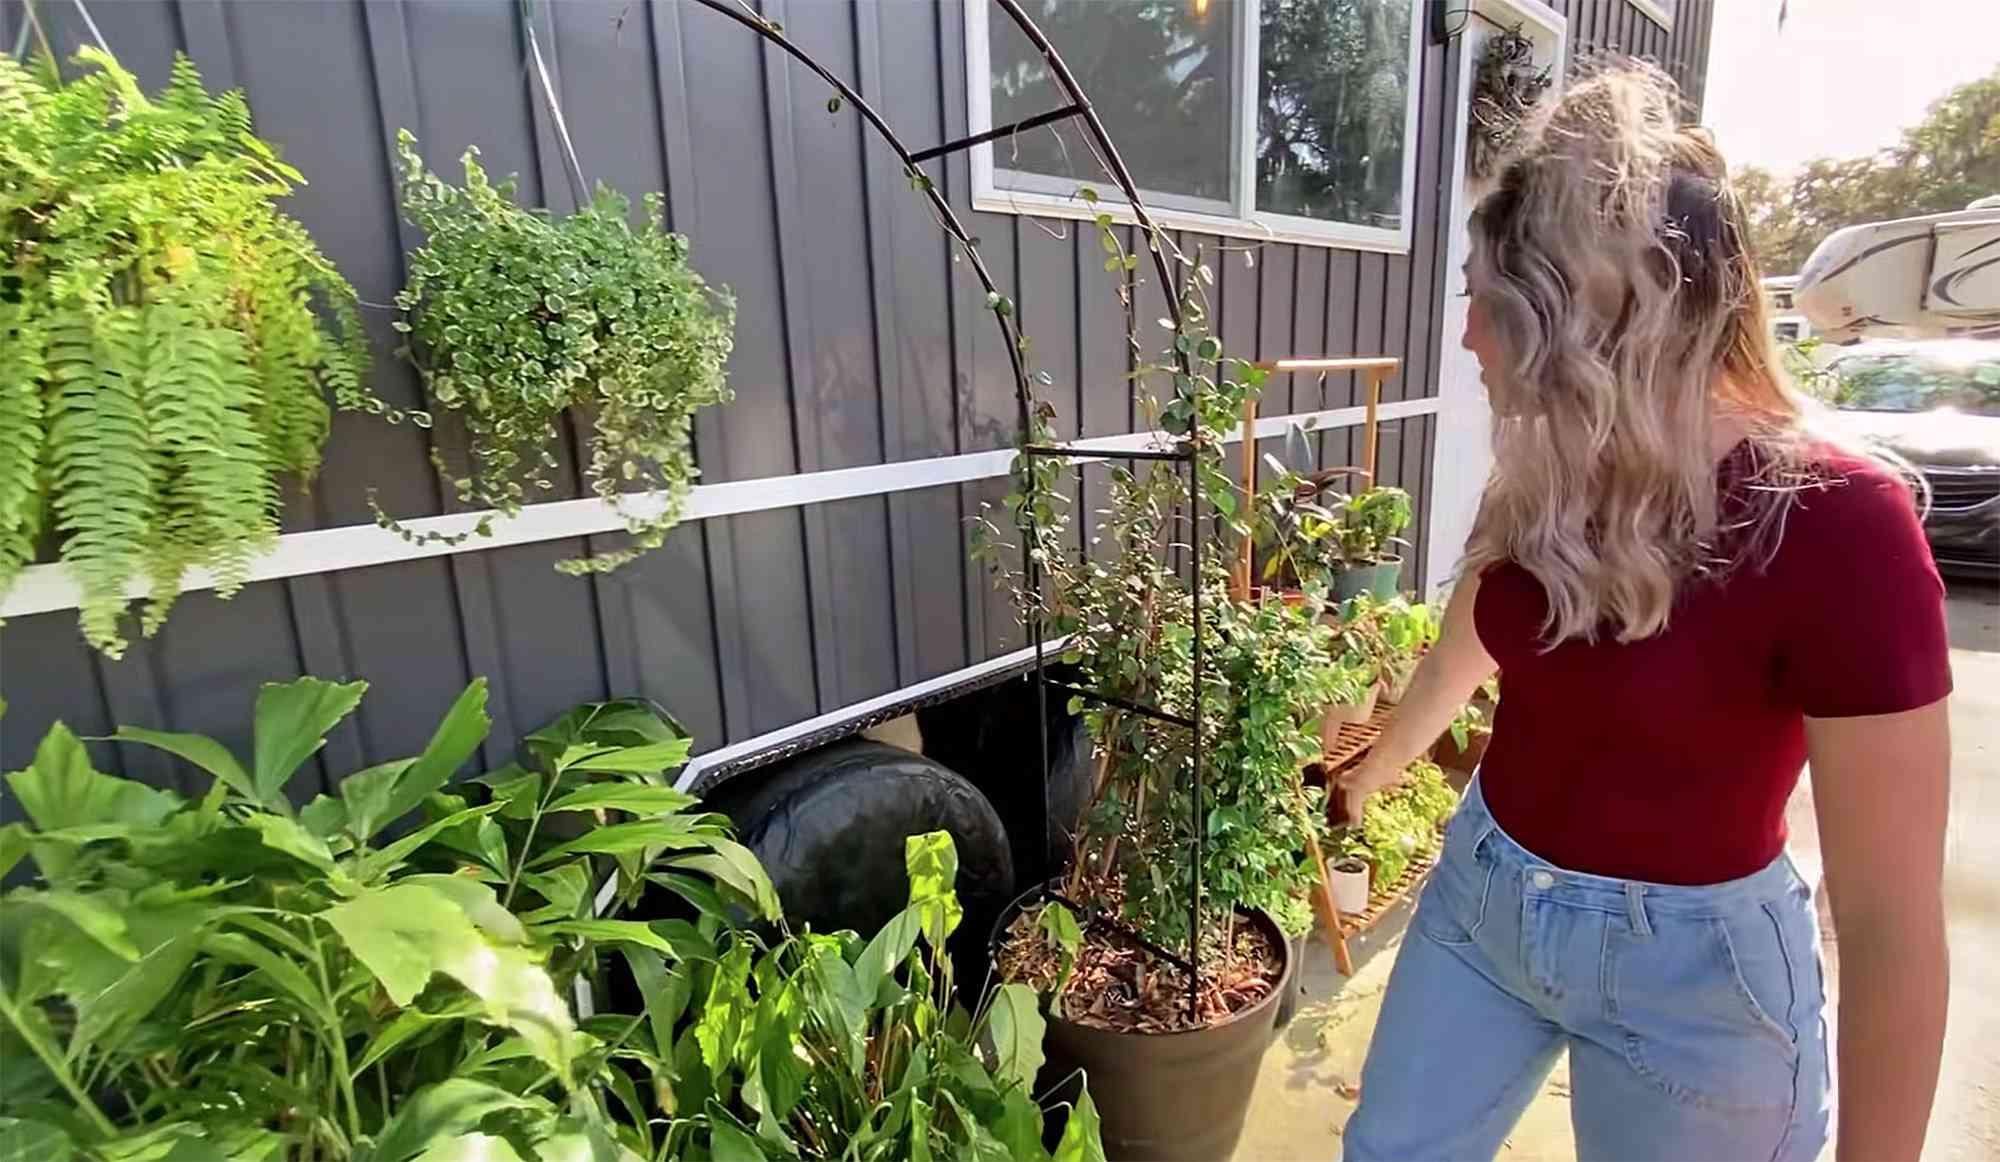 tiny house Rebekah teenytiny7 exterior plants